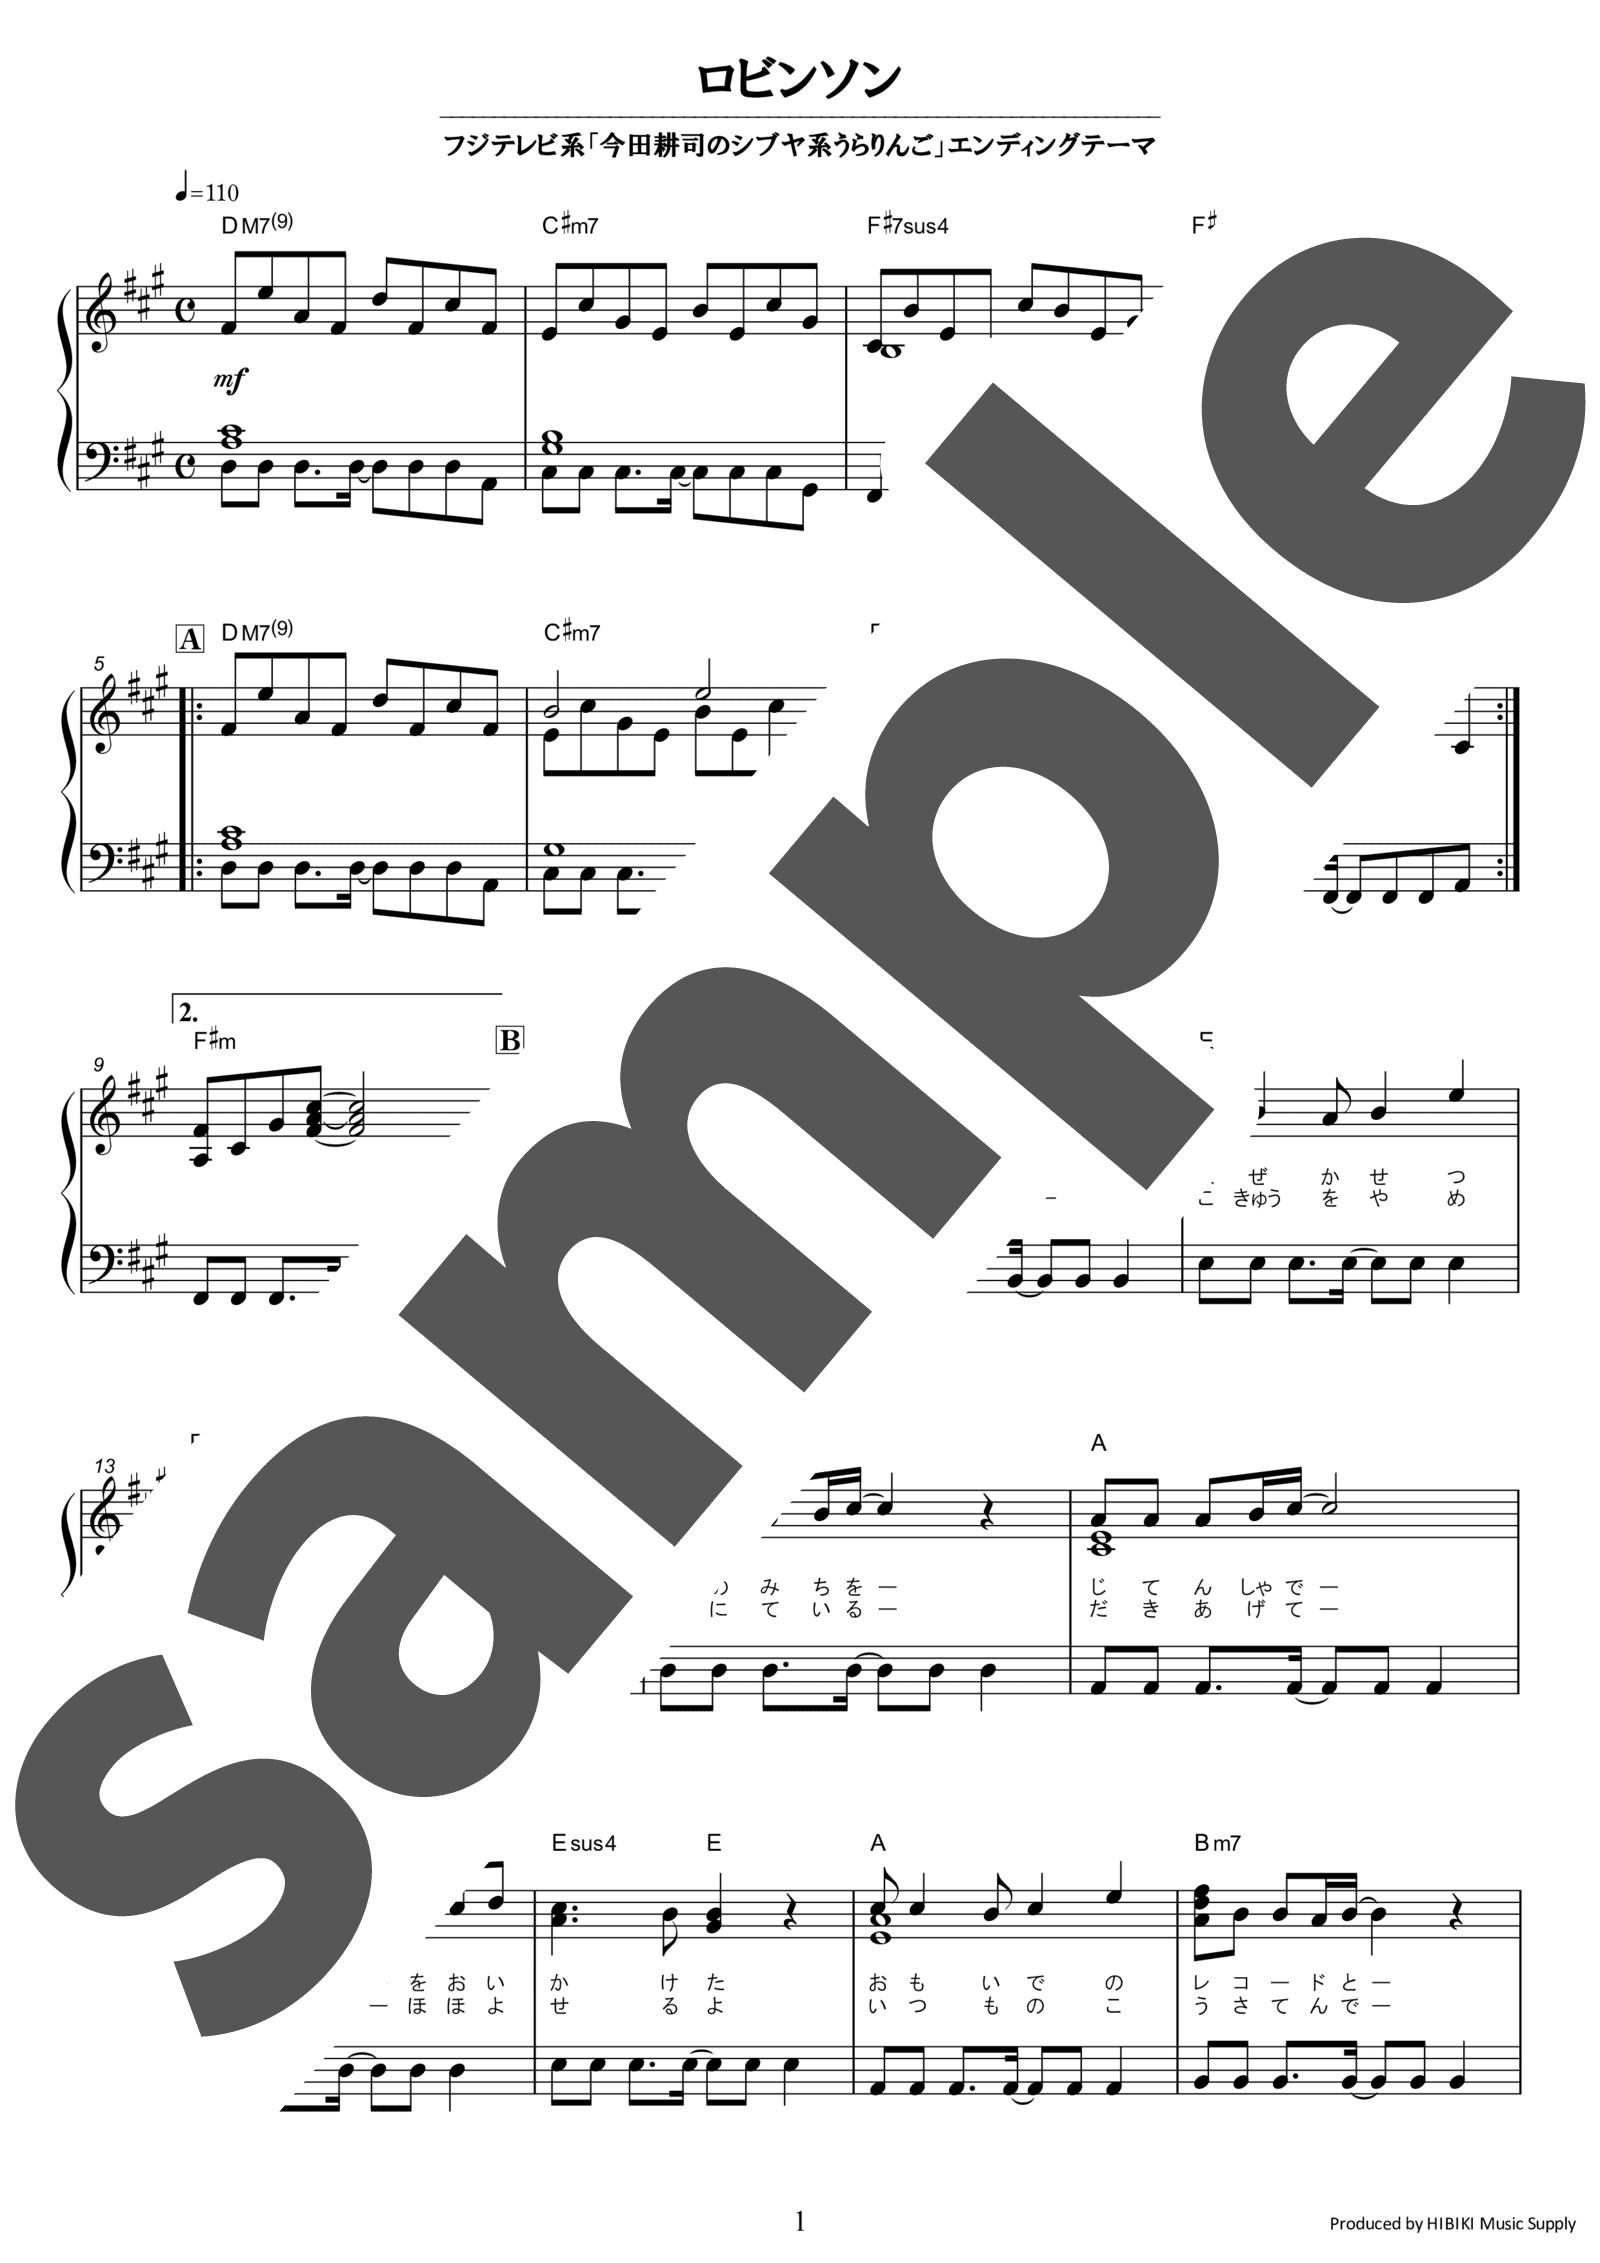 「ロビンソン」のサンプル楽譜